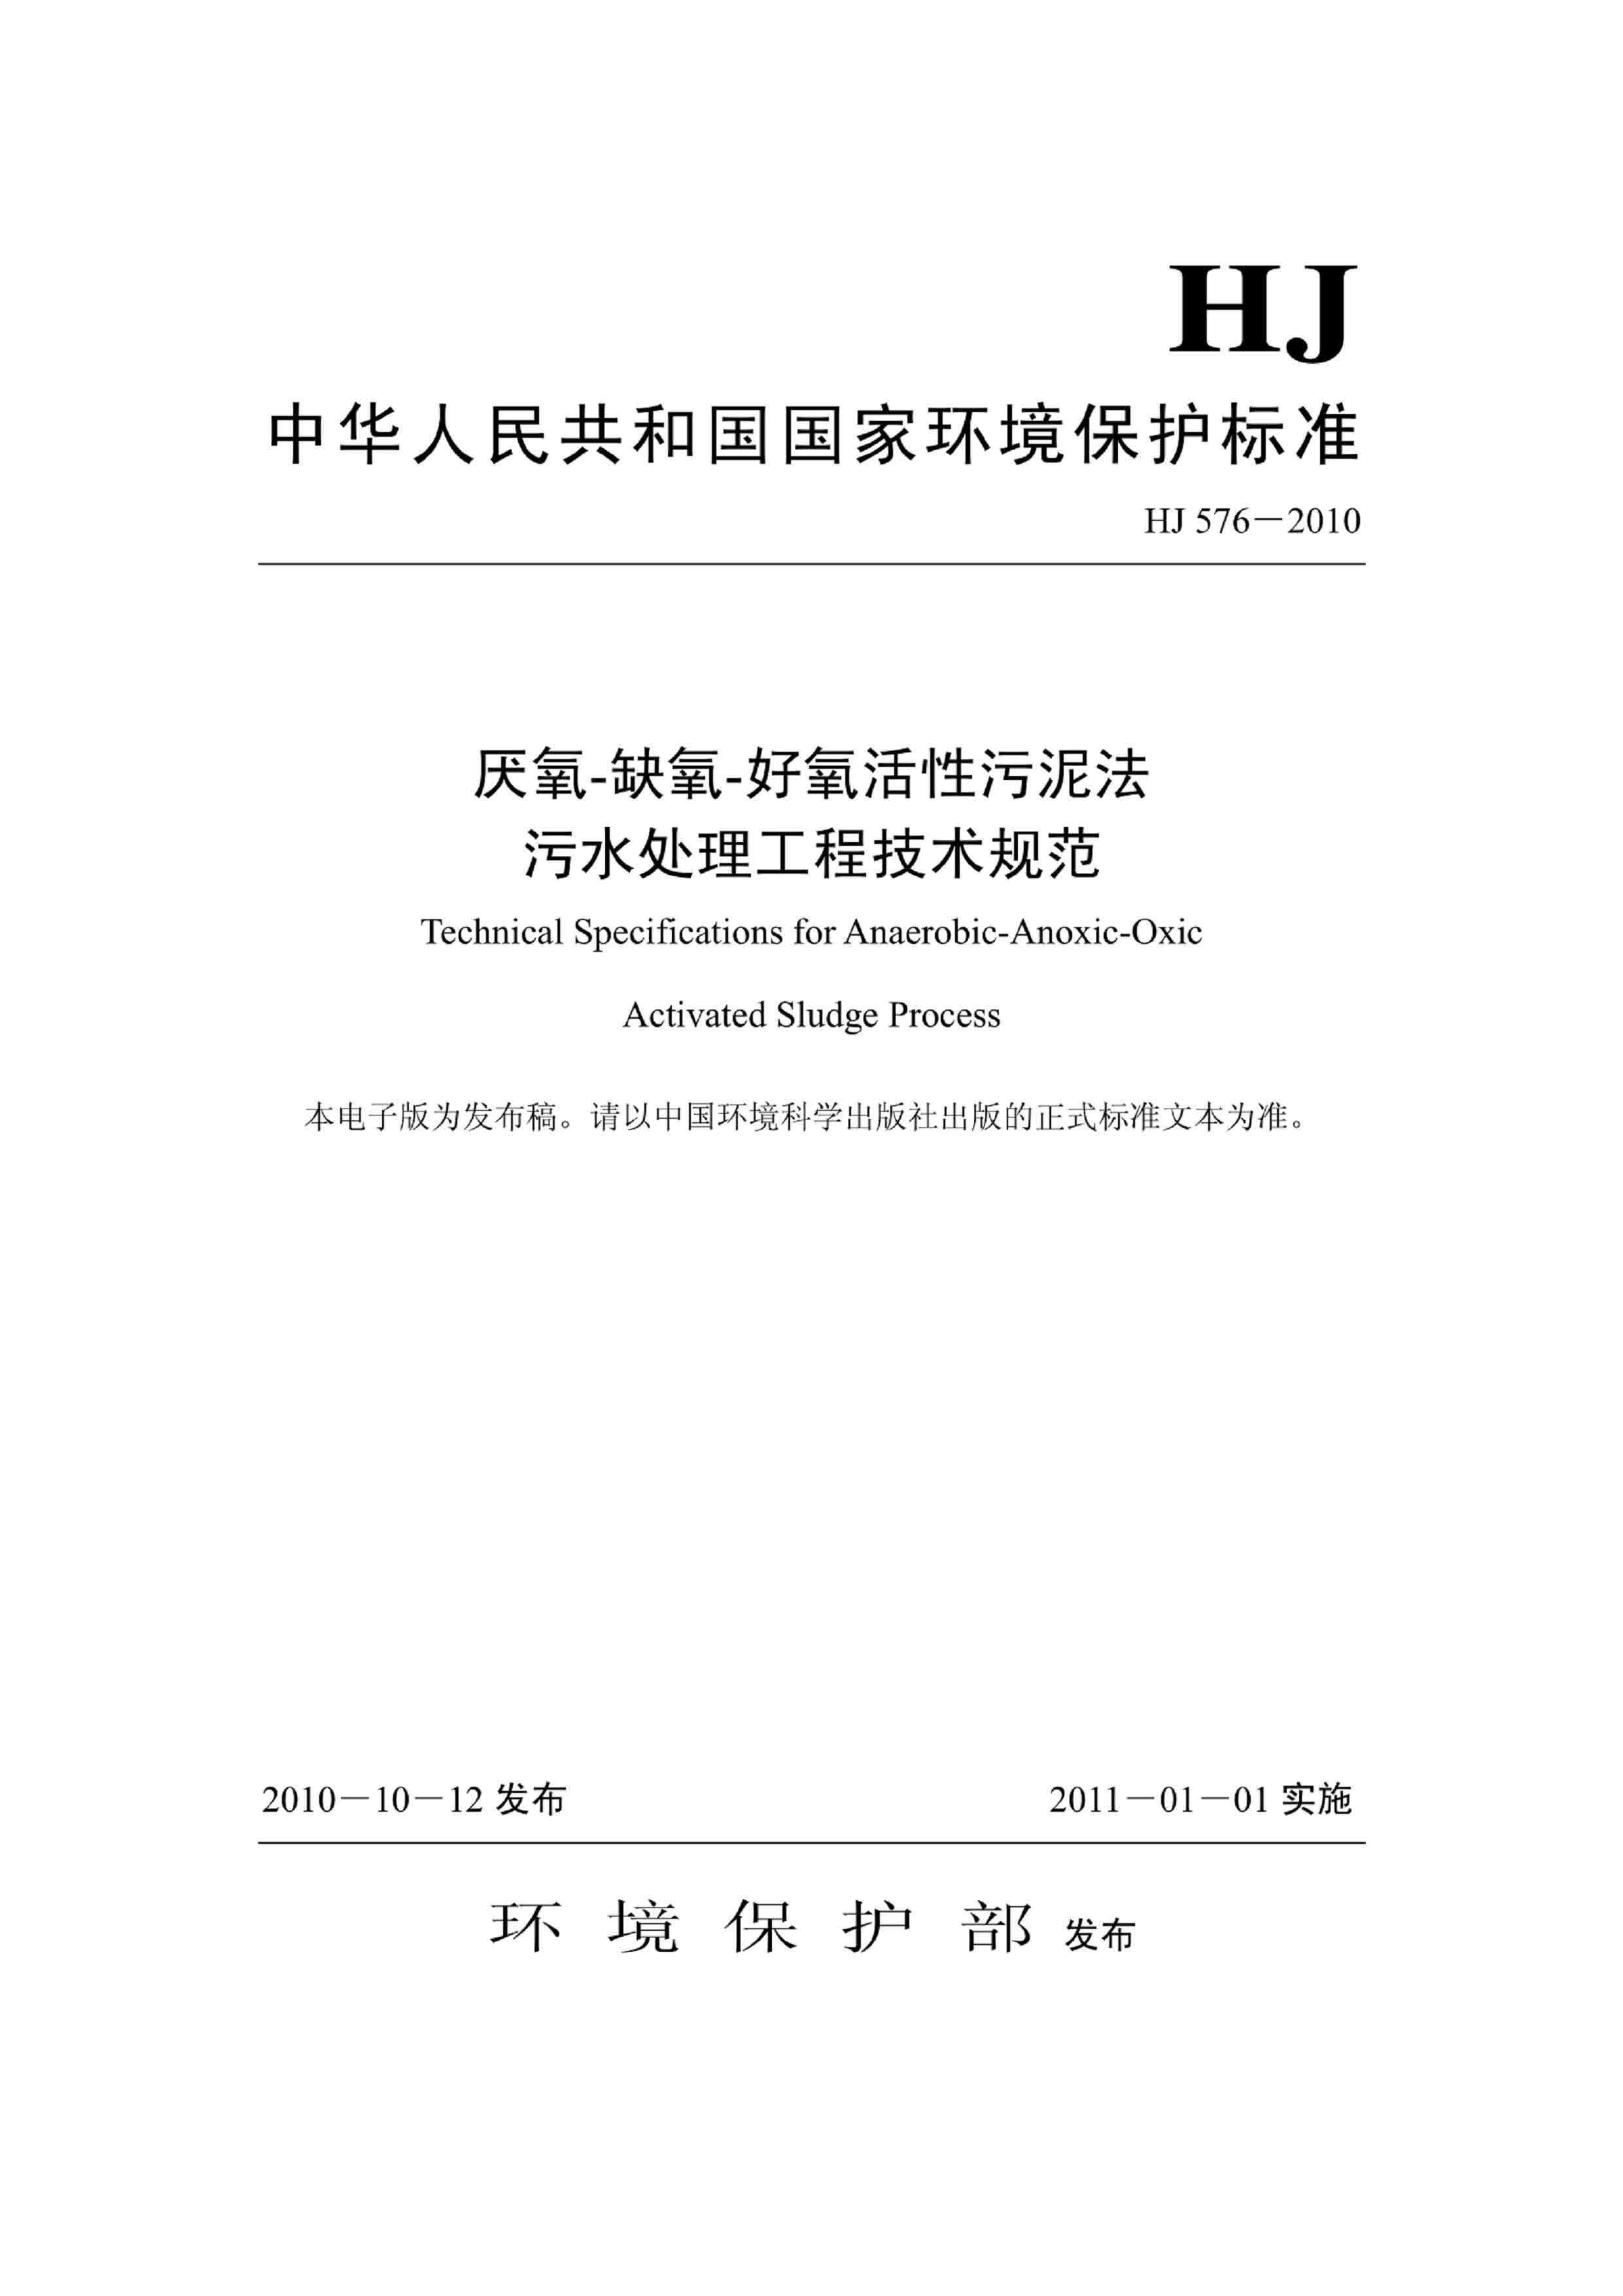 HJ576-2010厌氧-缺氧-好氧活性污泥法 污水处理工程技术规范  可下载